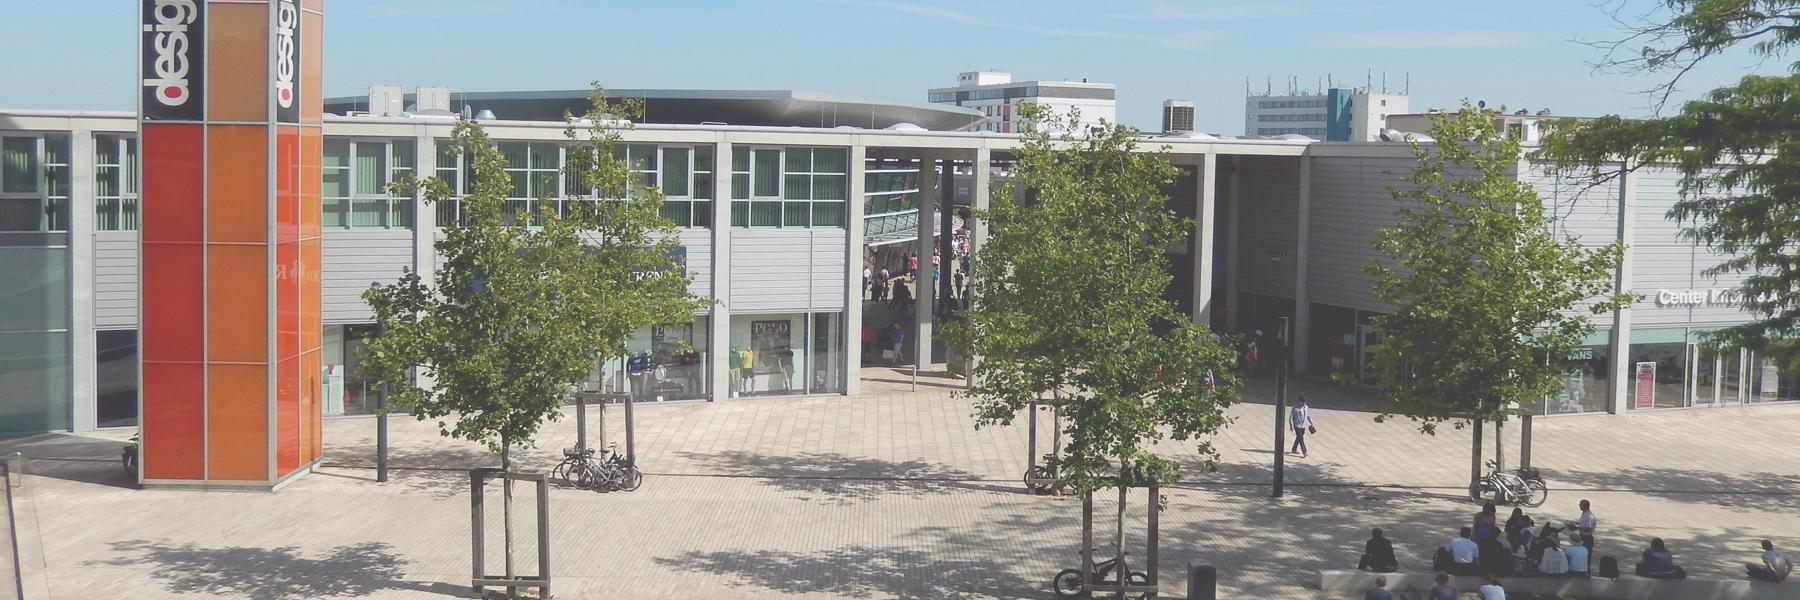 /Header_Gibt-es-einen-Karstadt-Online-Shop